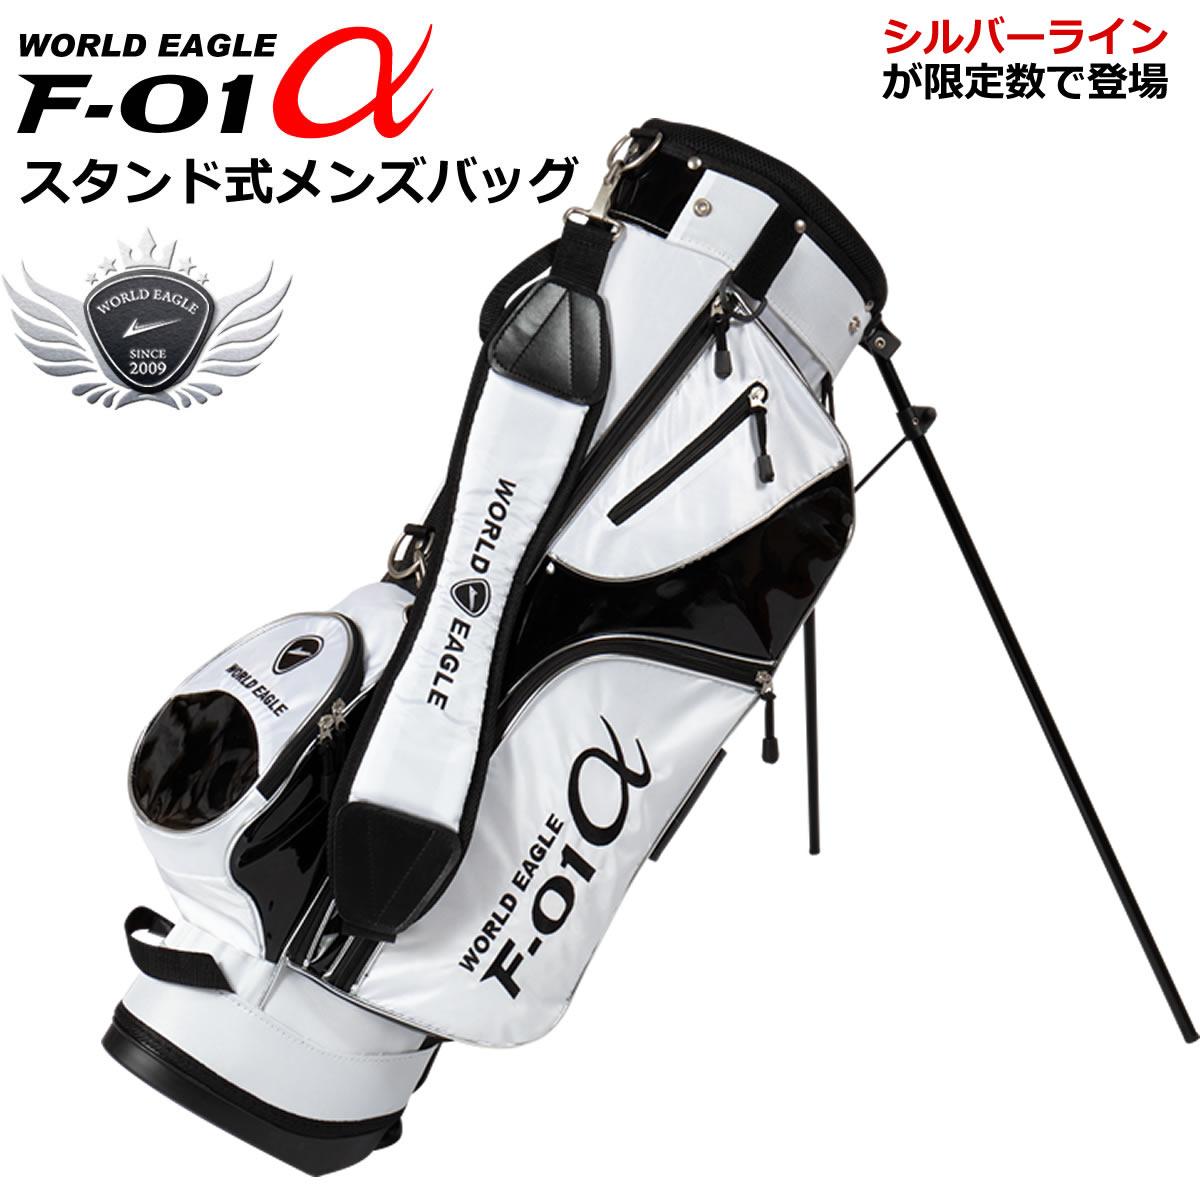 ゴルフ メンズバッグ 超軽量 人気上昇の おすすめスタンドタイプ コンパクトなサイズ 収納は豊富! キャリー カート バック おしゃれなエナメル スリムなので持ち運びやクラブの保管用にも便利【あす楽】